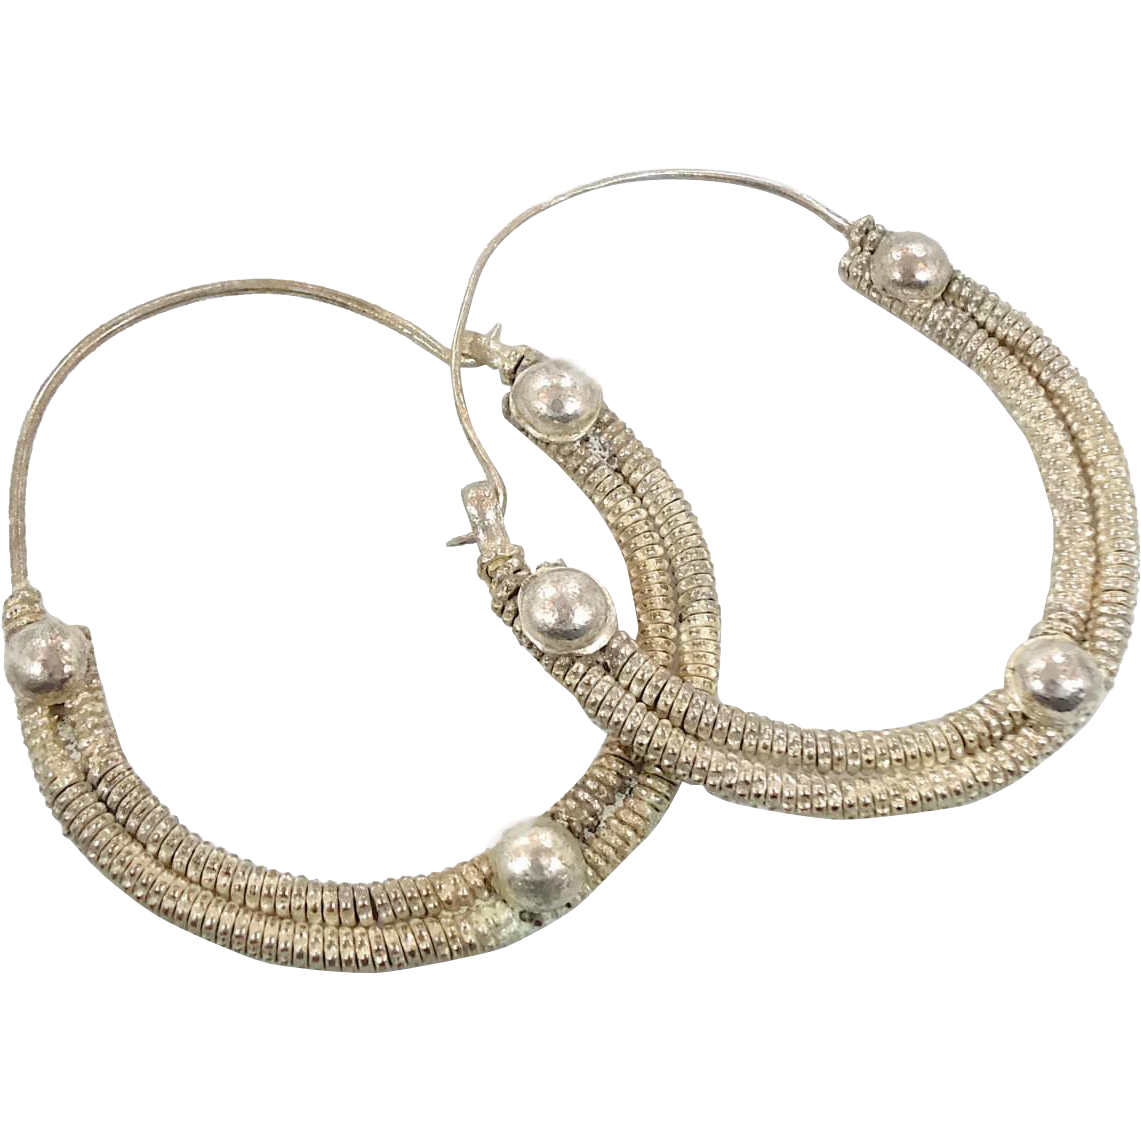 Big Hoop Earrings, Silver Earrings, Gypsy Jewelry, Afghan Jewelry, Boho Earrings, Bohemian, Statement, Ethnic Tribal, Festival, Hippie Chic